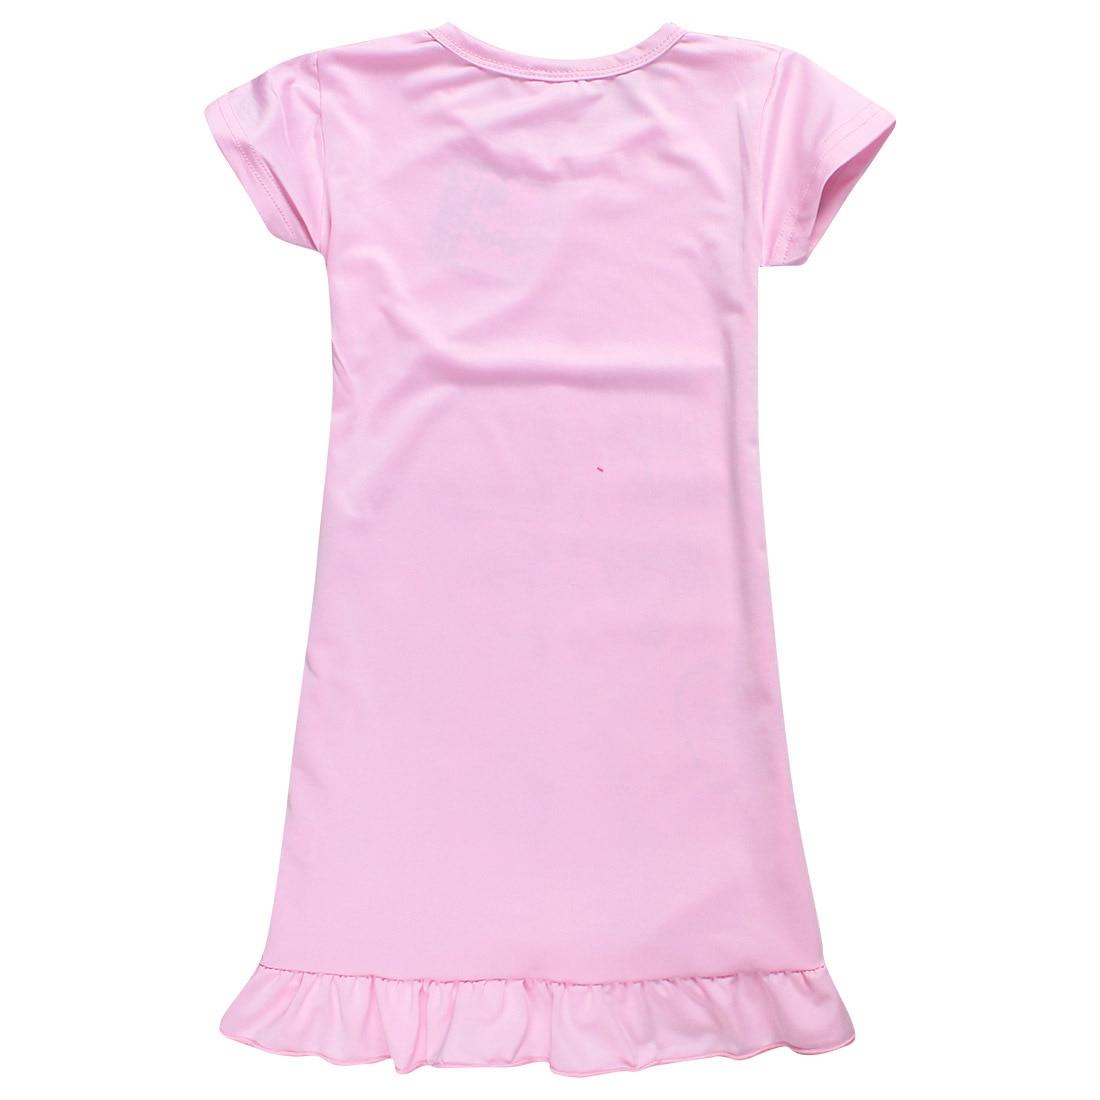 NEW roblox fortnite summer dress sweet dress cartoon doll Ball Gown baby girl clothes roupas infantis menina girls dress